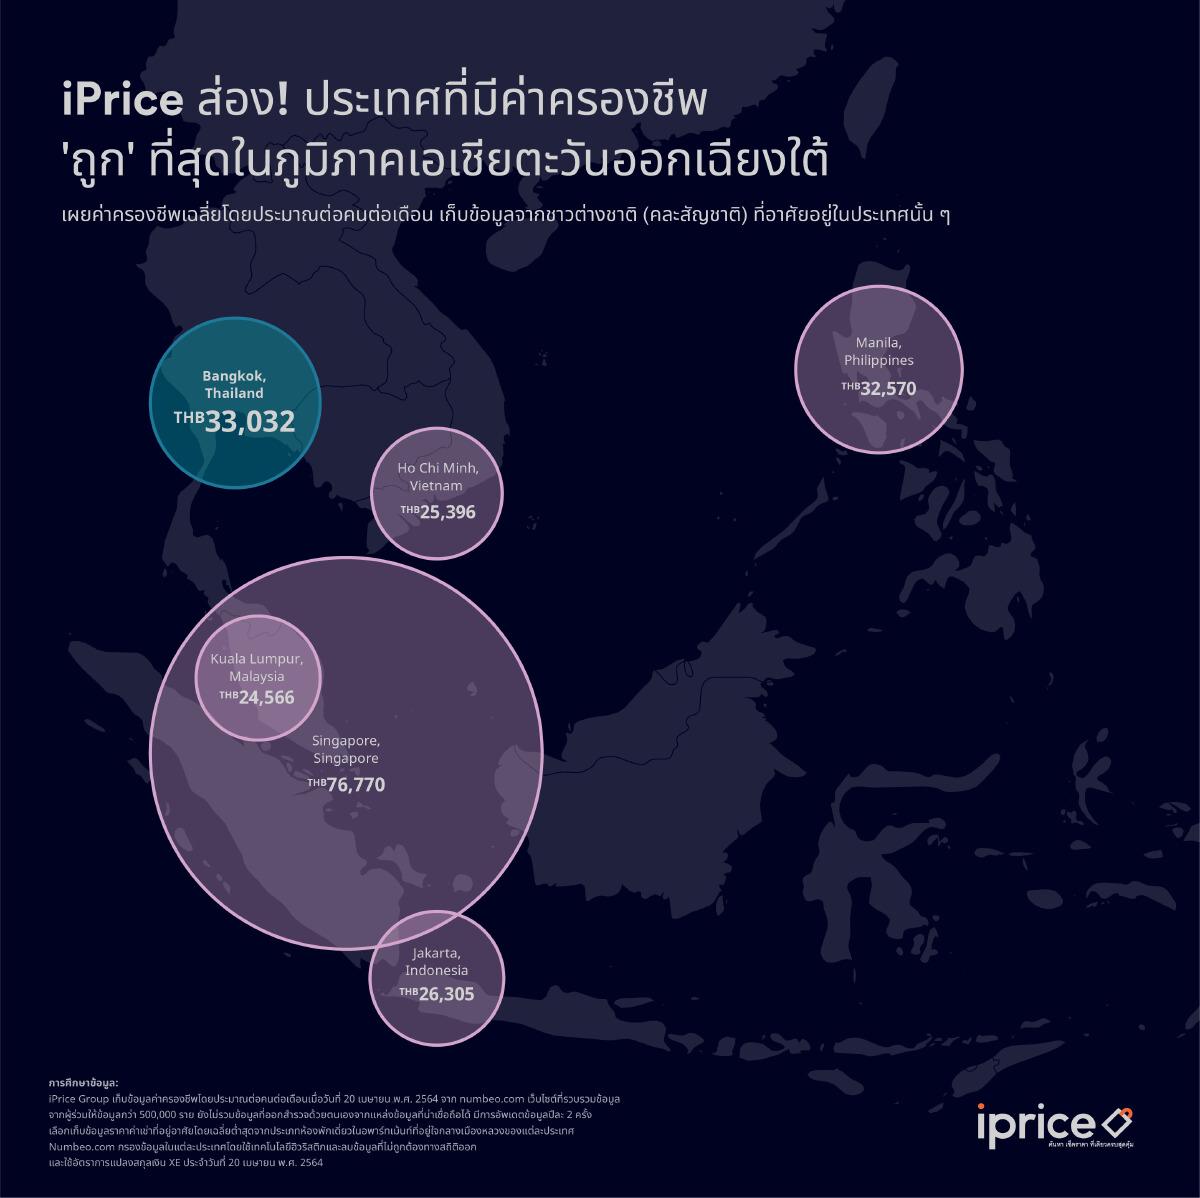 iPrice จริงหรือไม่? กรุงเทพฯ เป็นเมืองมีค่าครองชีพแพงที่สุดในภูมิภาค